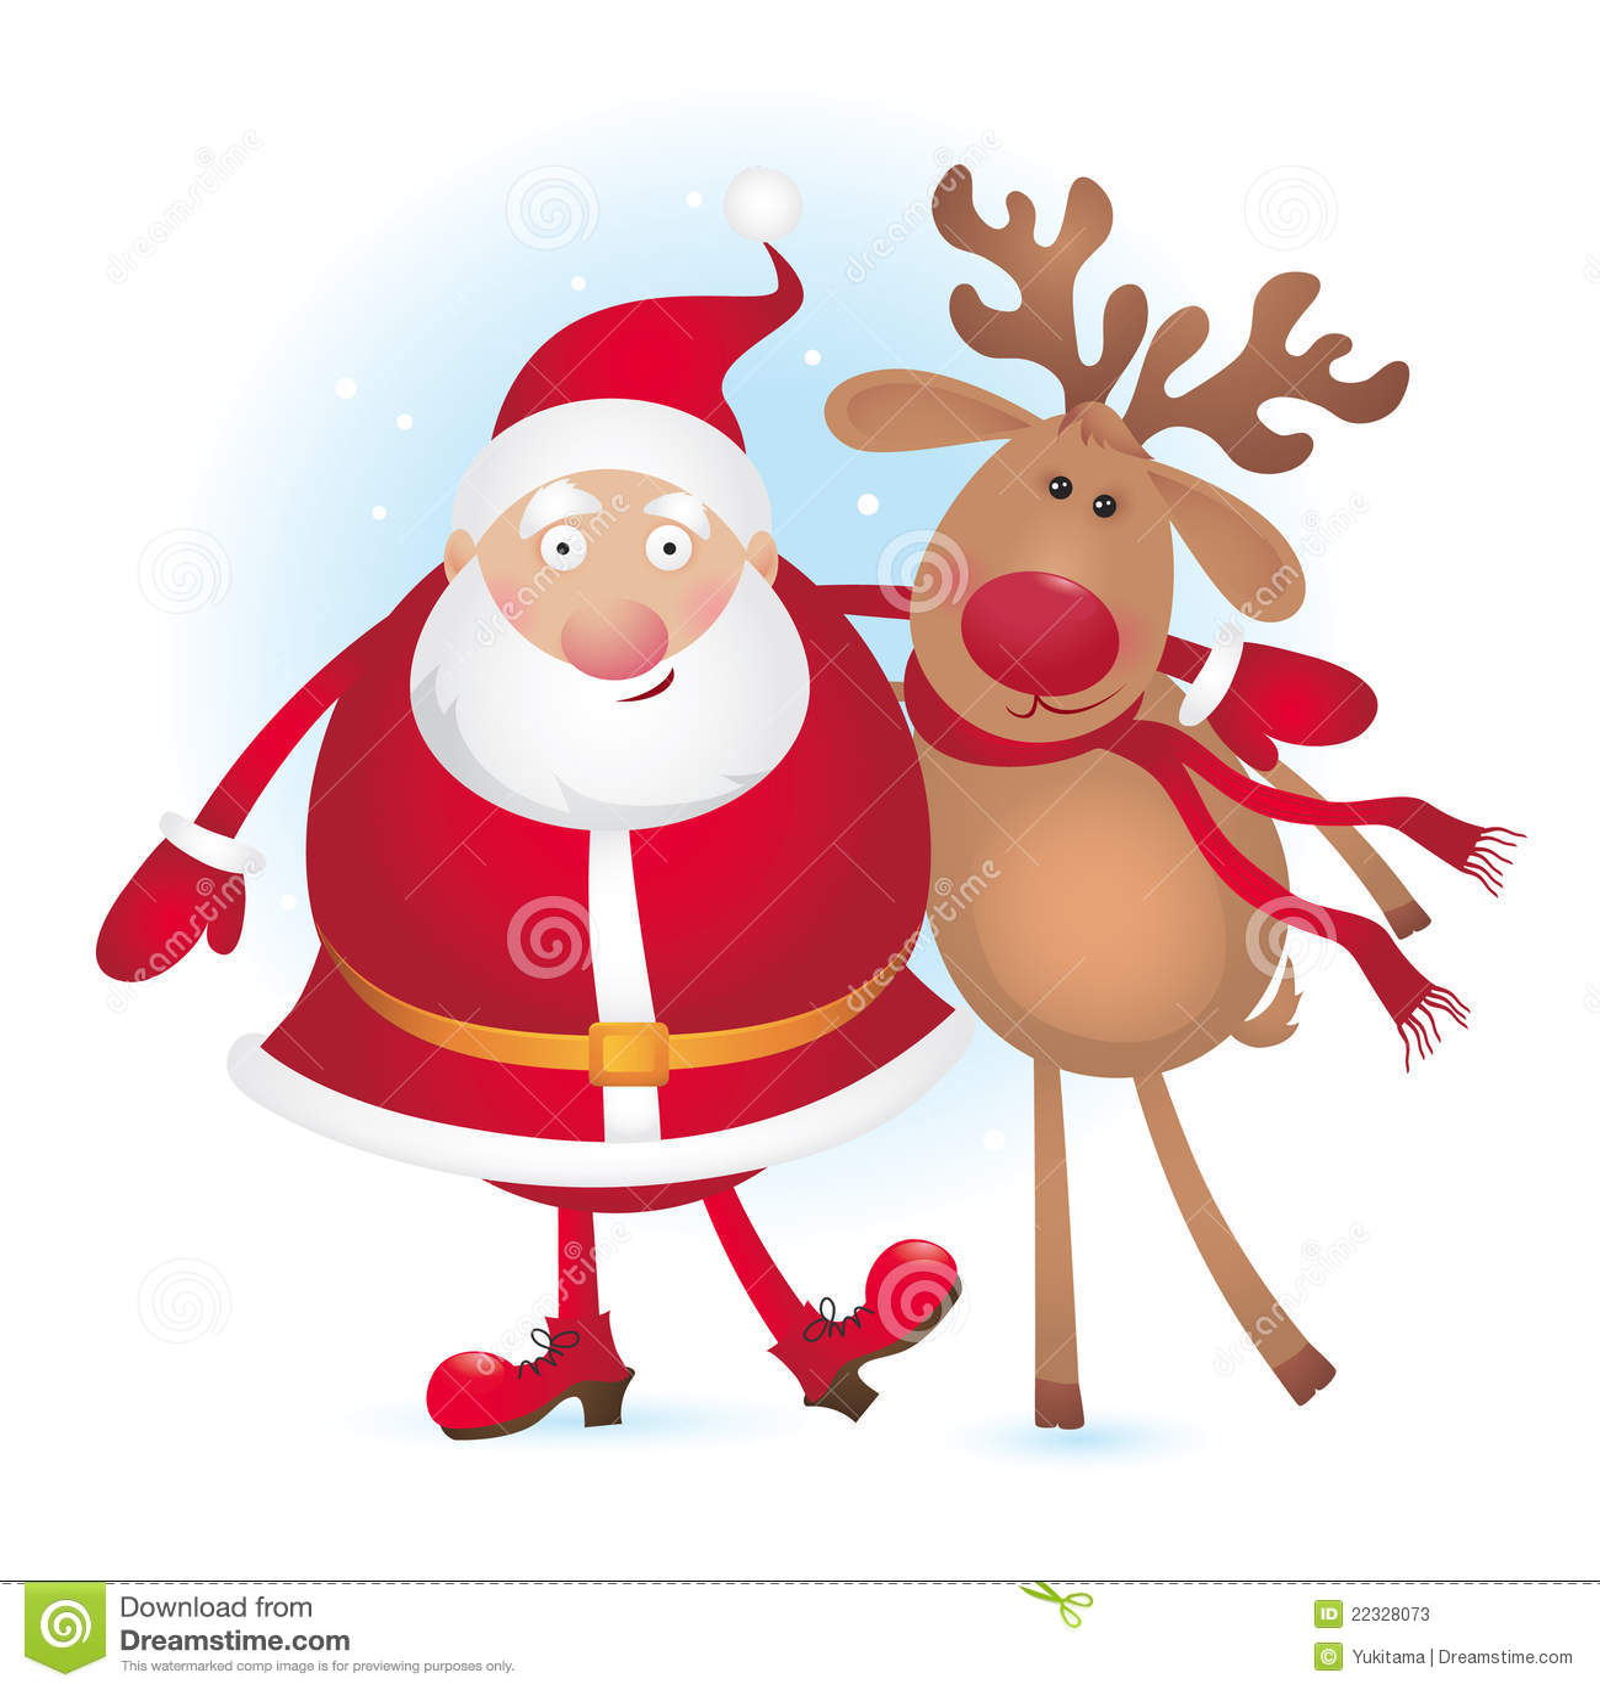 santa and reindeer - Santa And Reindeer Pictures